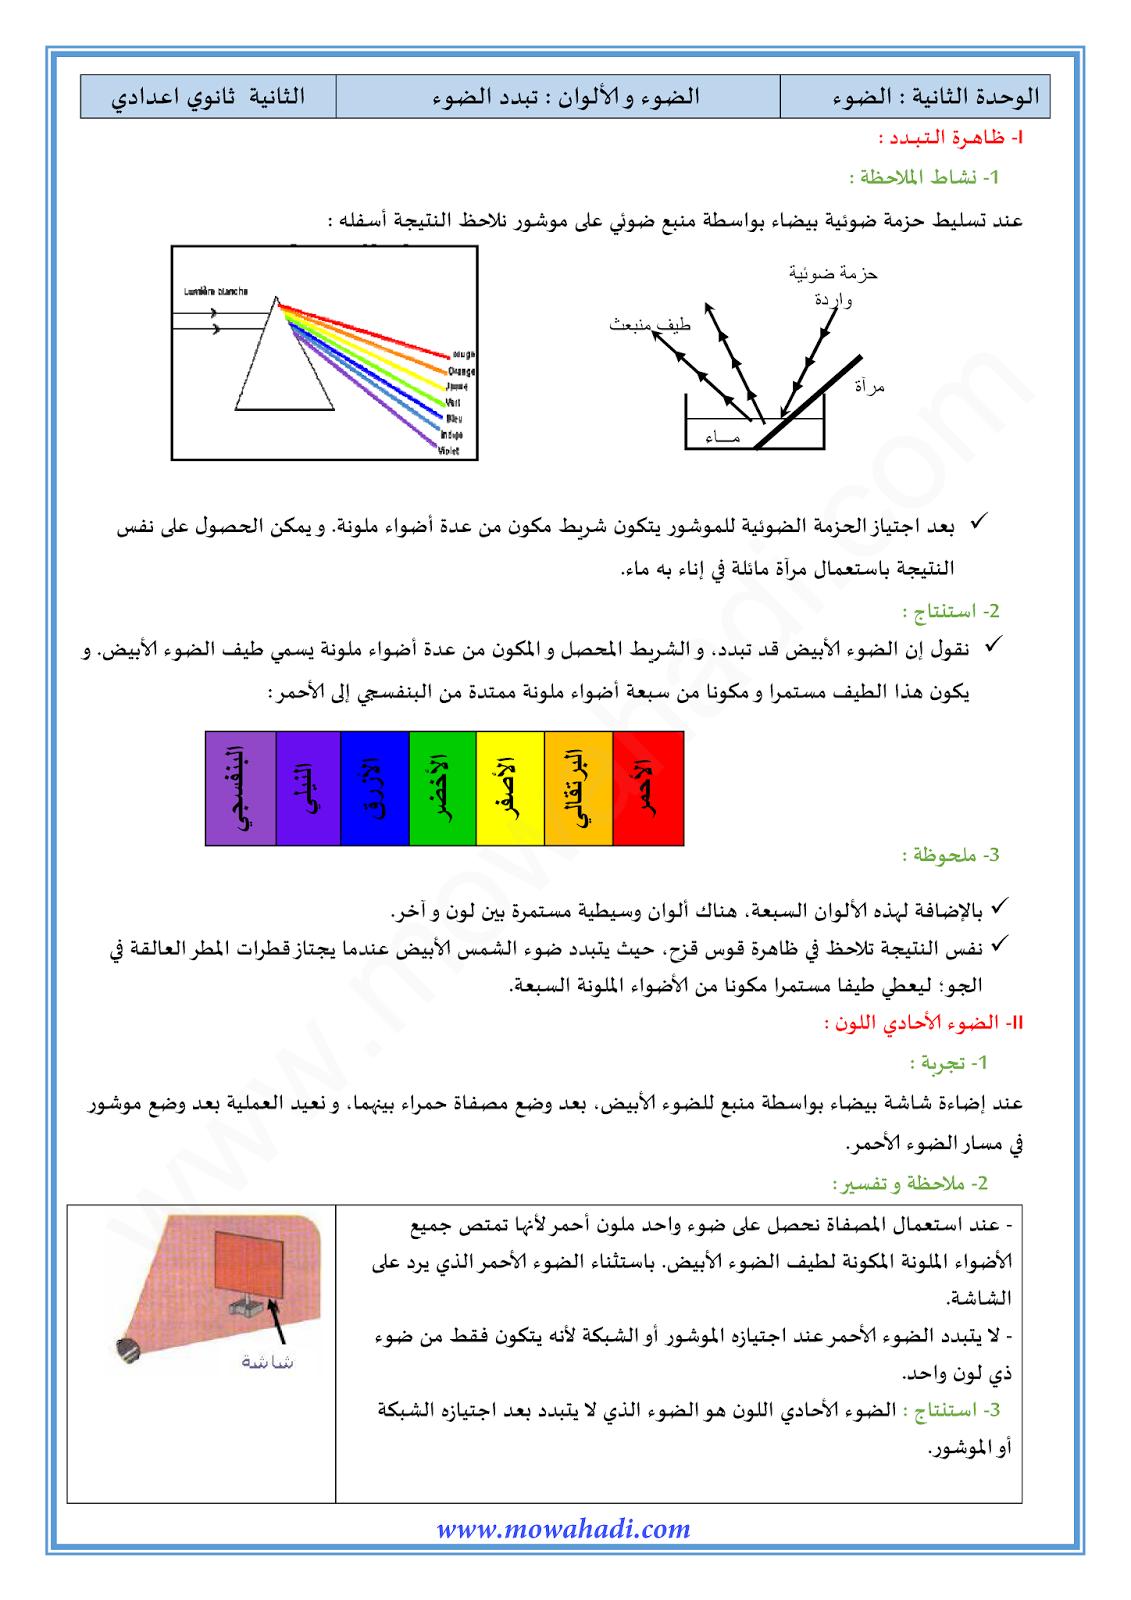 الضوء و الالوان:تبدد الضوء الابيض-1